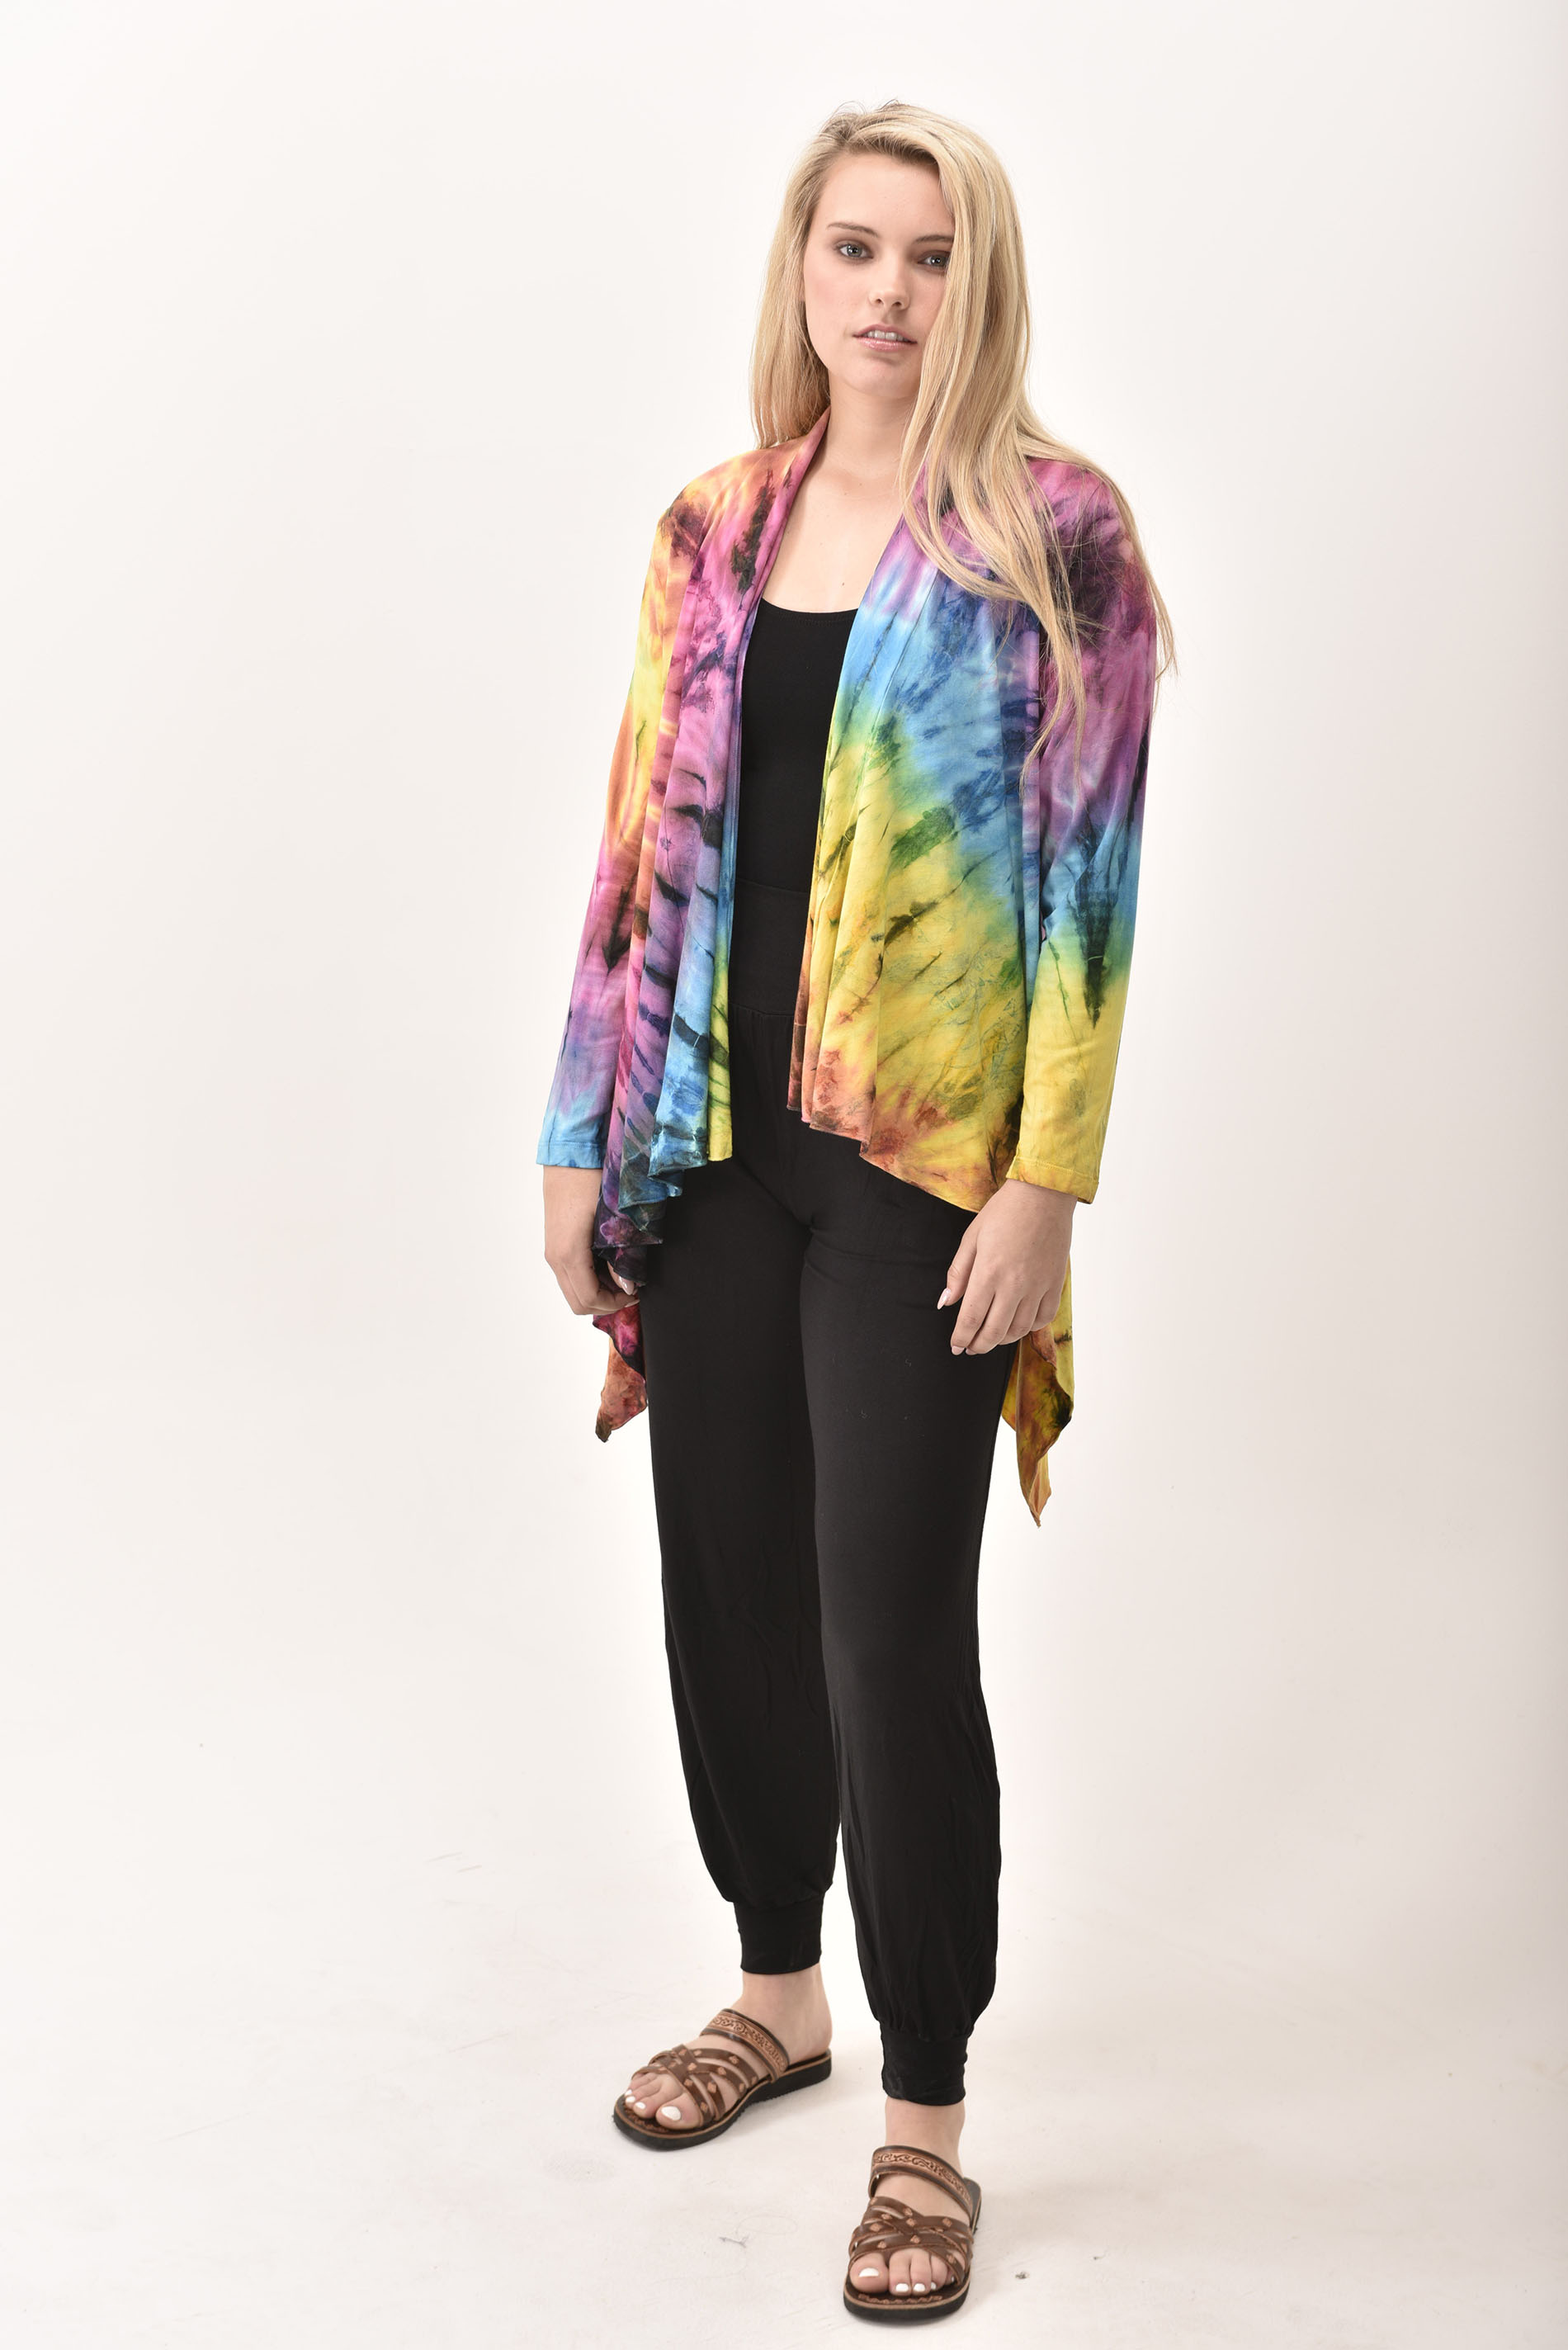 Kimono Cardigan Hand Painted Tie Dye - Rainbow Multi